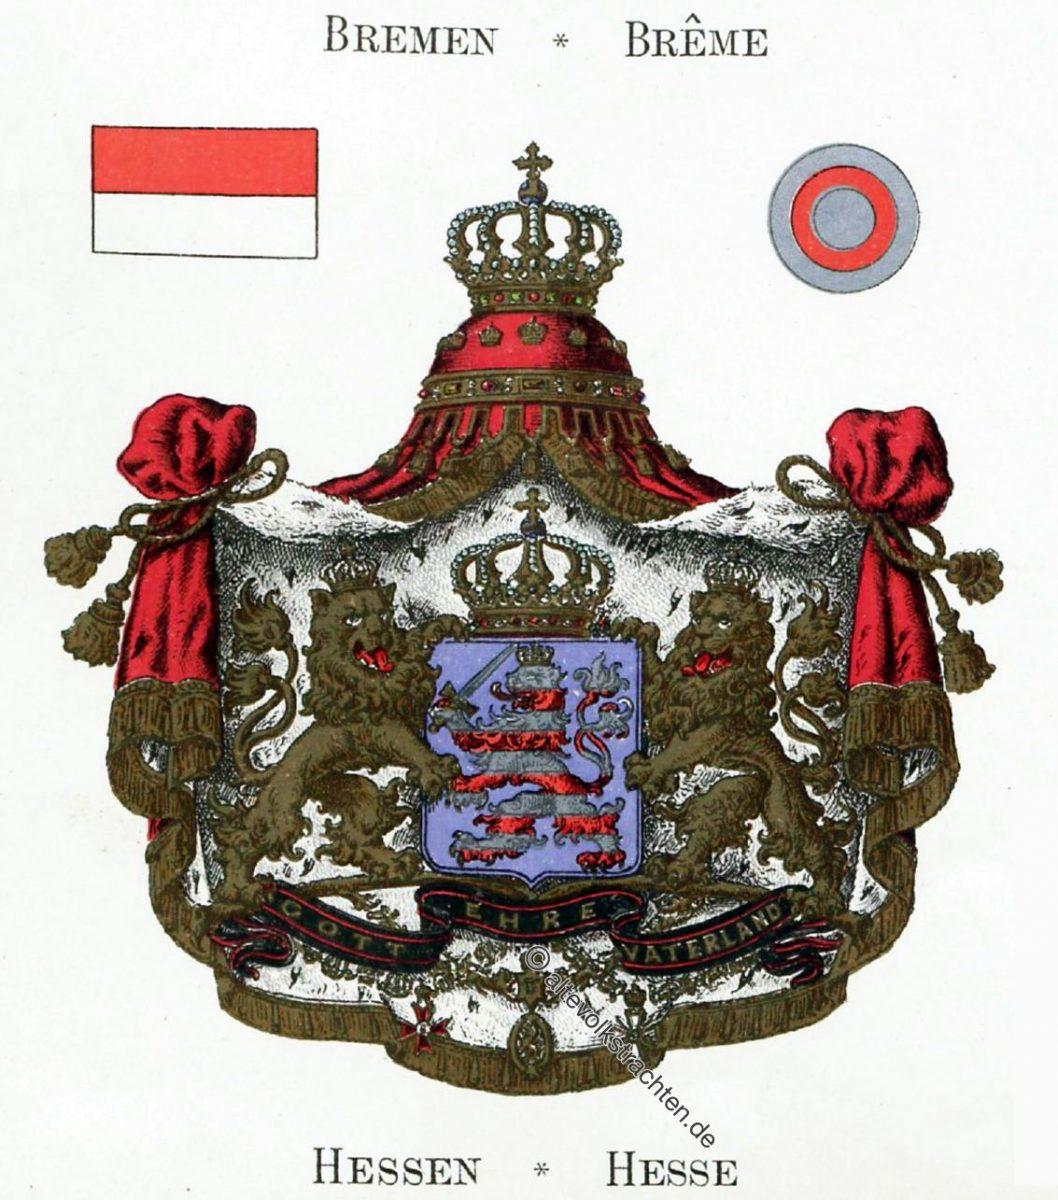 Hessen, Staatswappen, Wappen, Heraldik, Deutschland, Landesflaggen, Cocarden, heraldry, héraldique, armoiries,